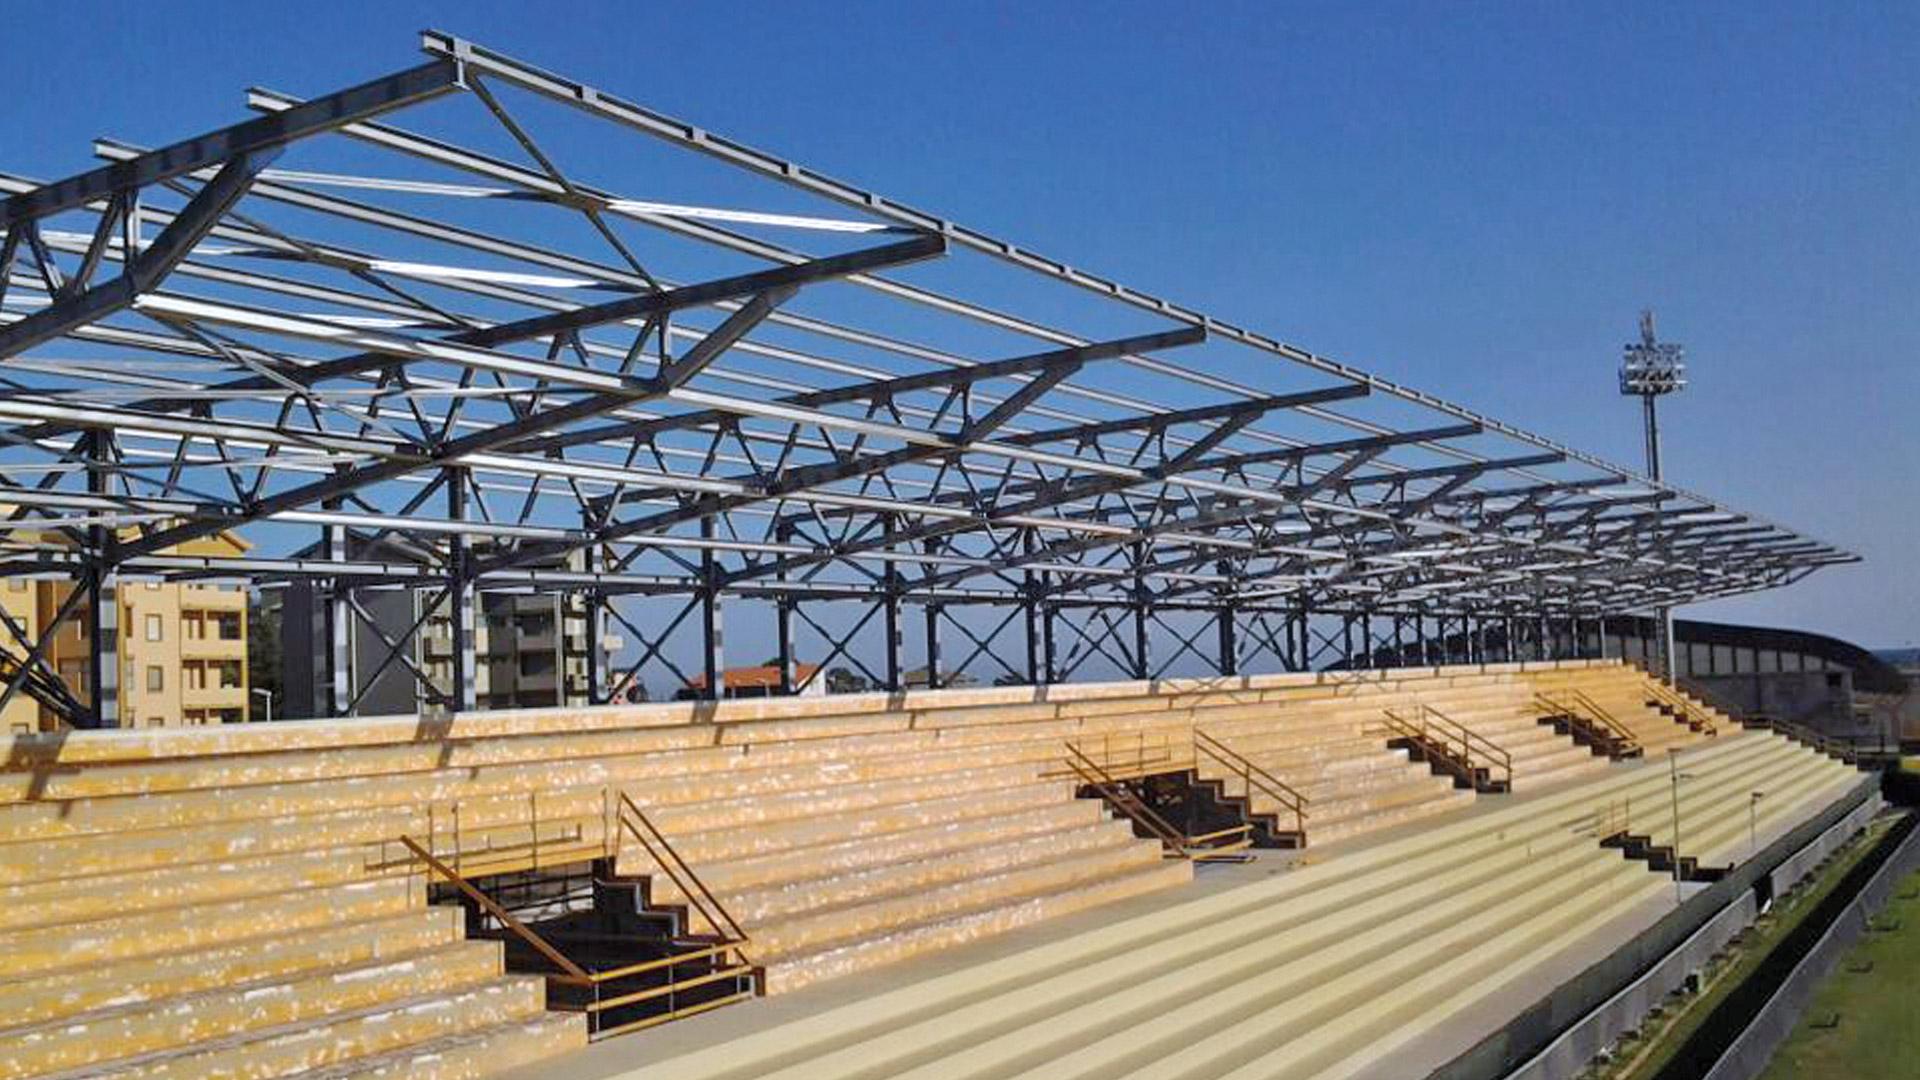 stadio-is-arenas-cagliari-struttura-metallica-tribune-copertura